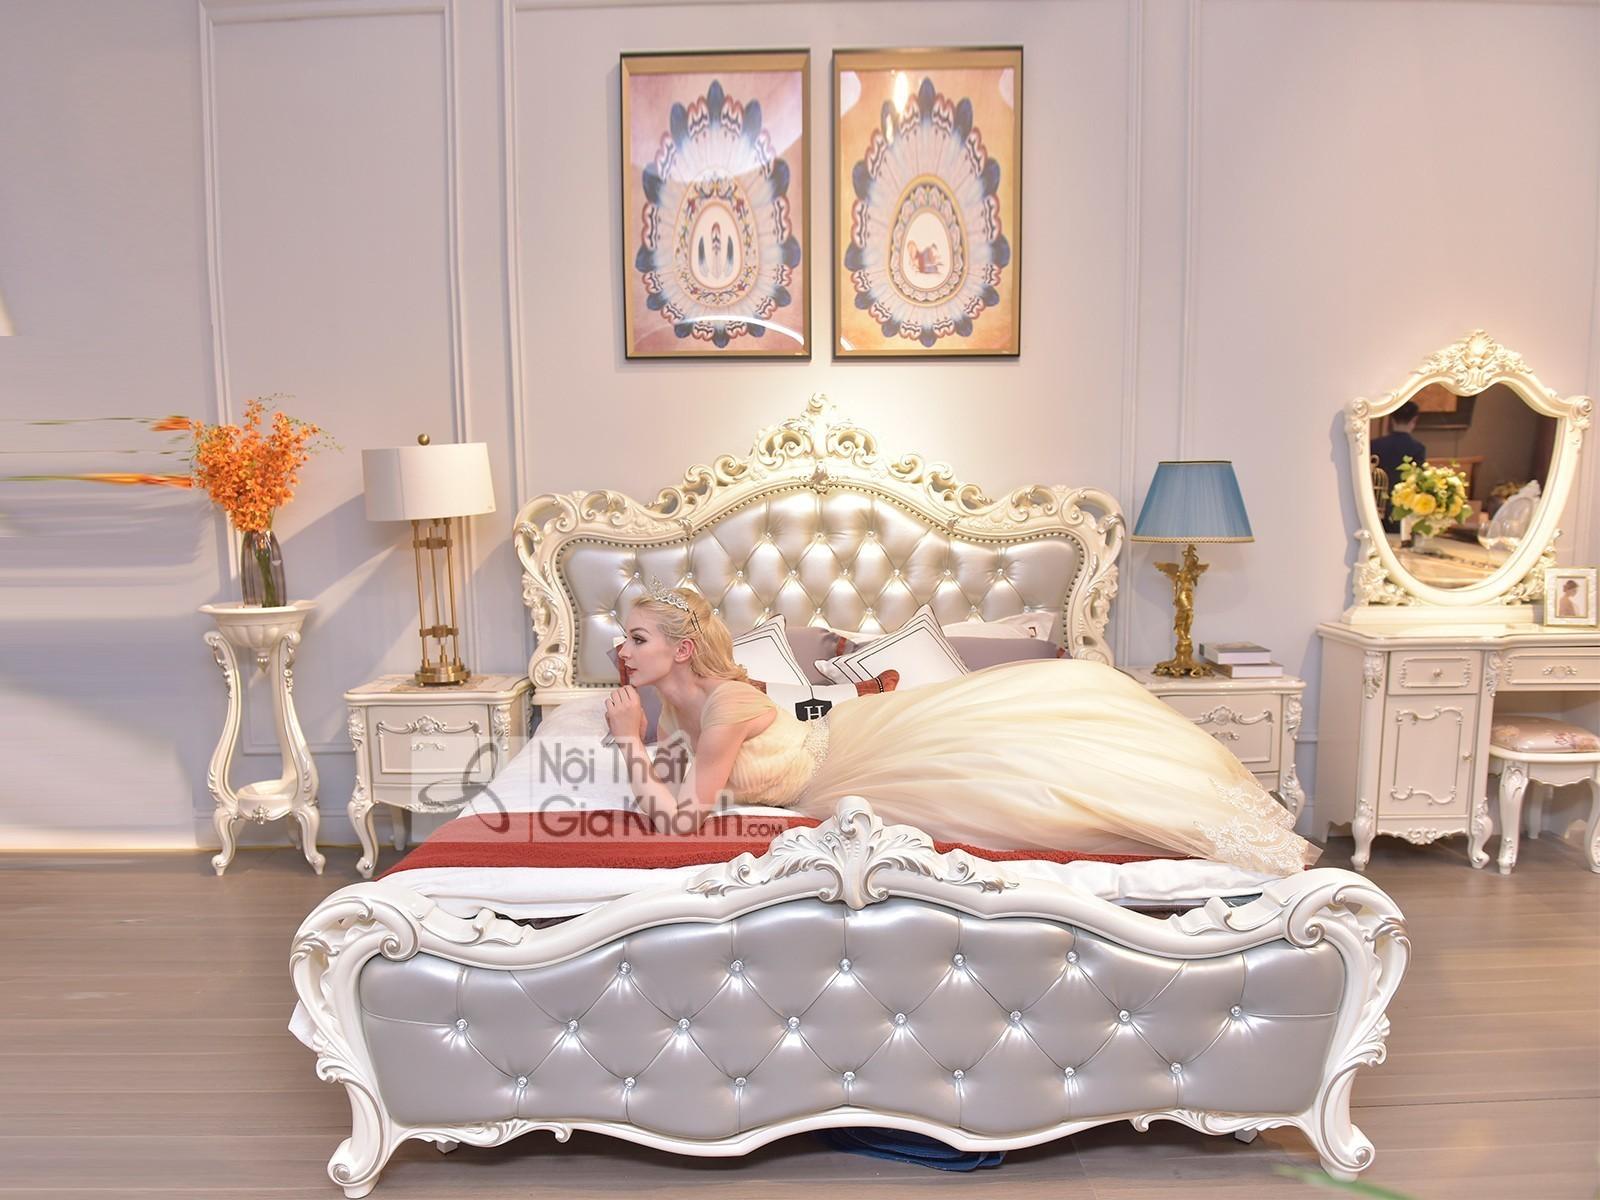 giuong ngu tan co dien phong cach phap gi8803h - Giường ngủ tân cổ điển phong cách Pháp GI8803H